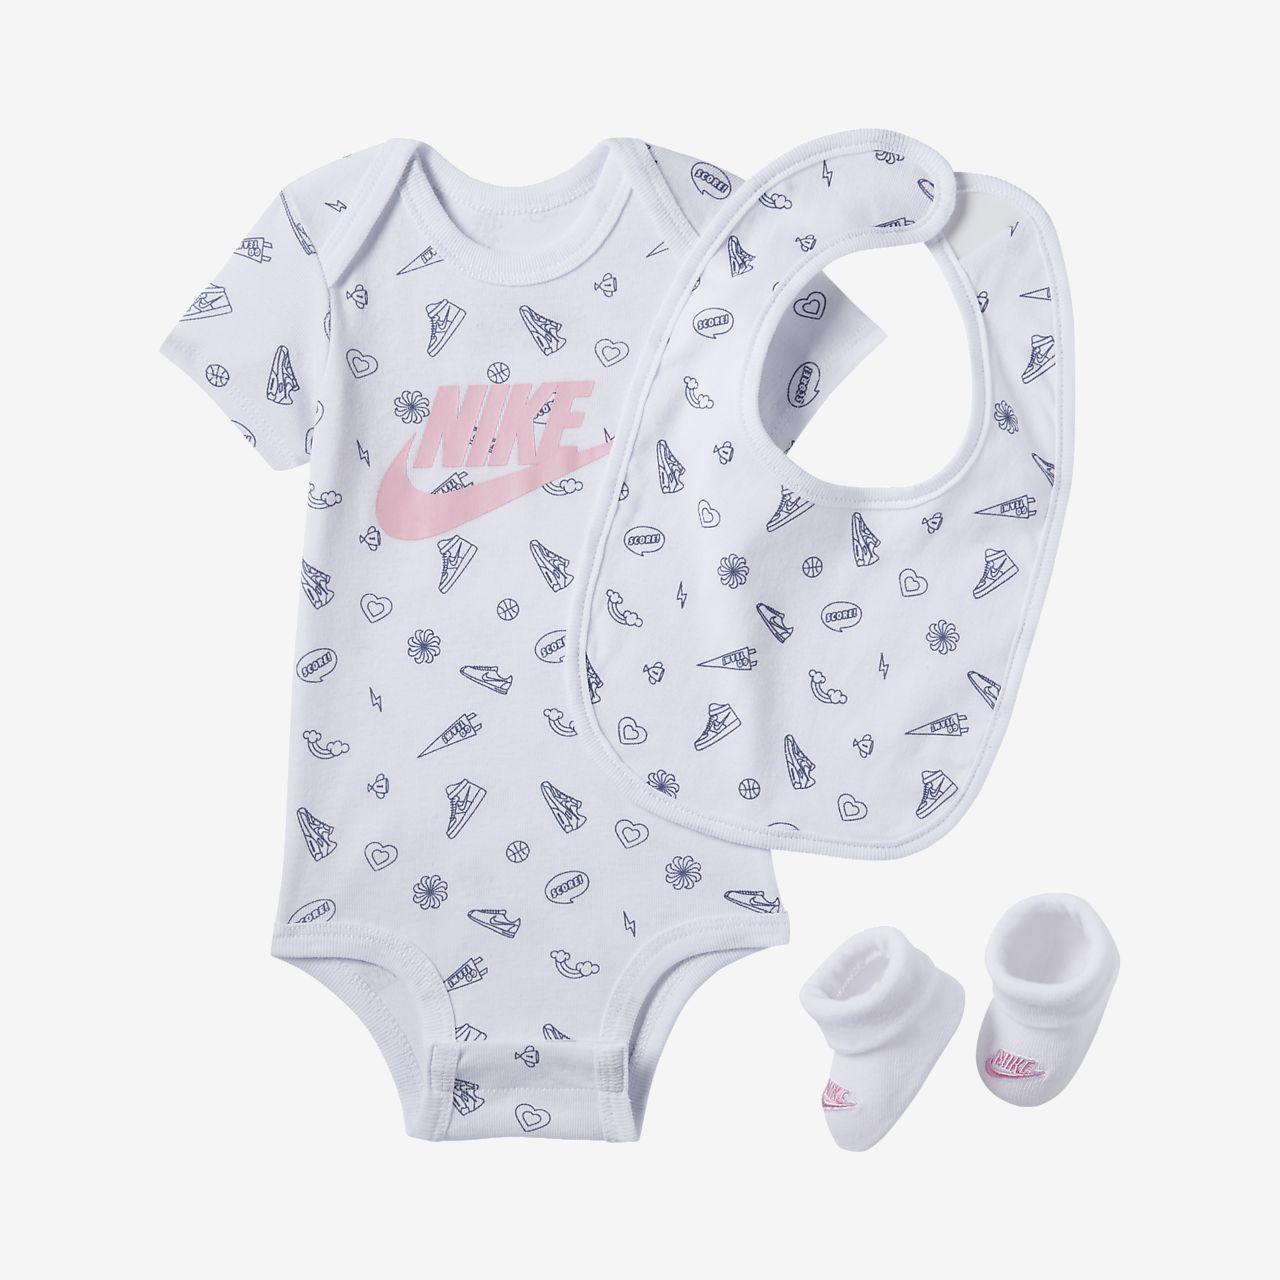 Ensemble trois pièces Nike pour Bébé (0 - 9 mois)